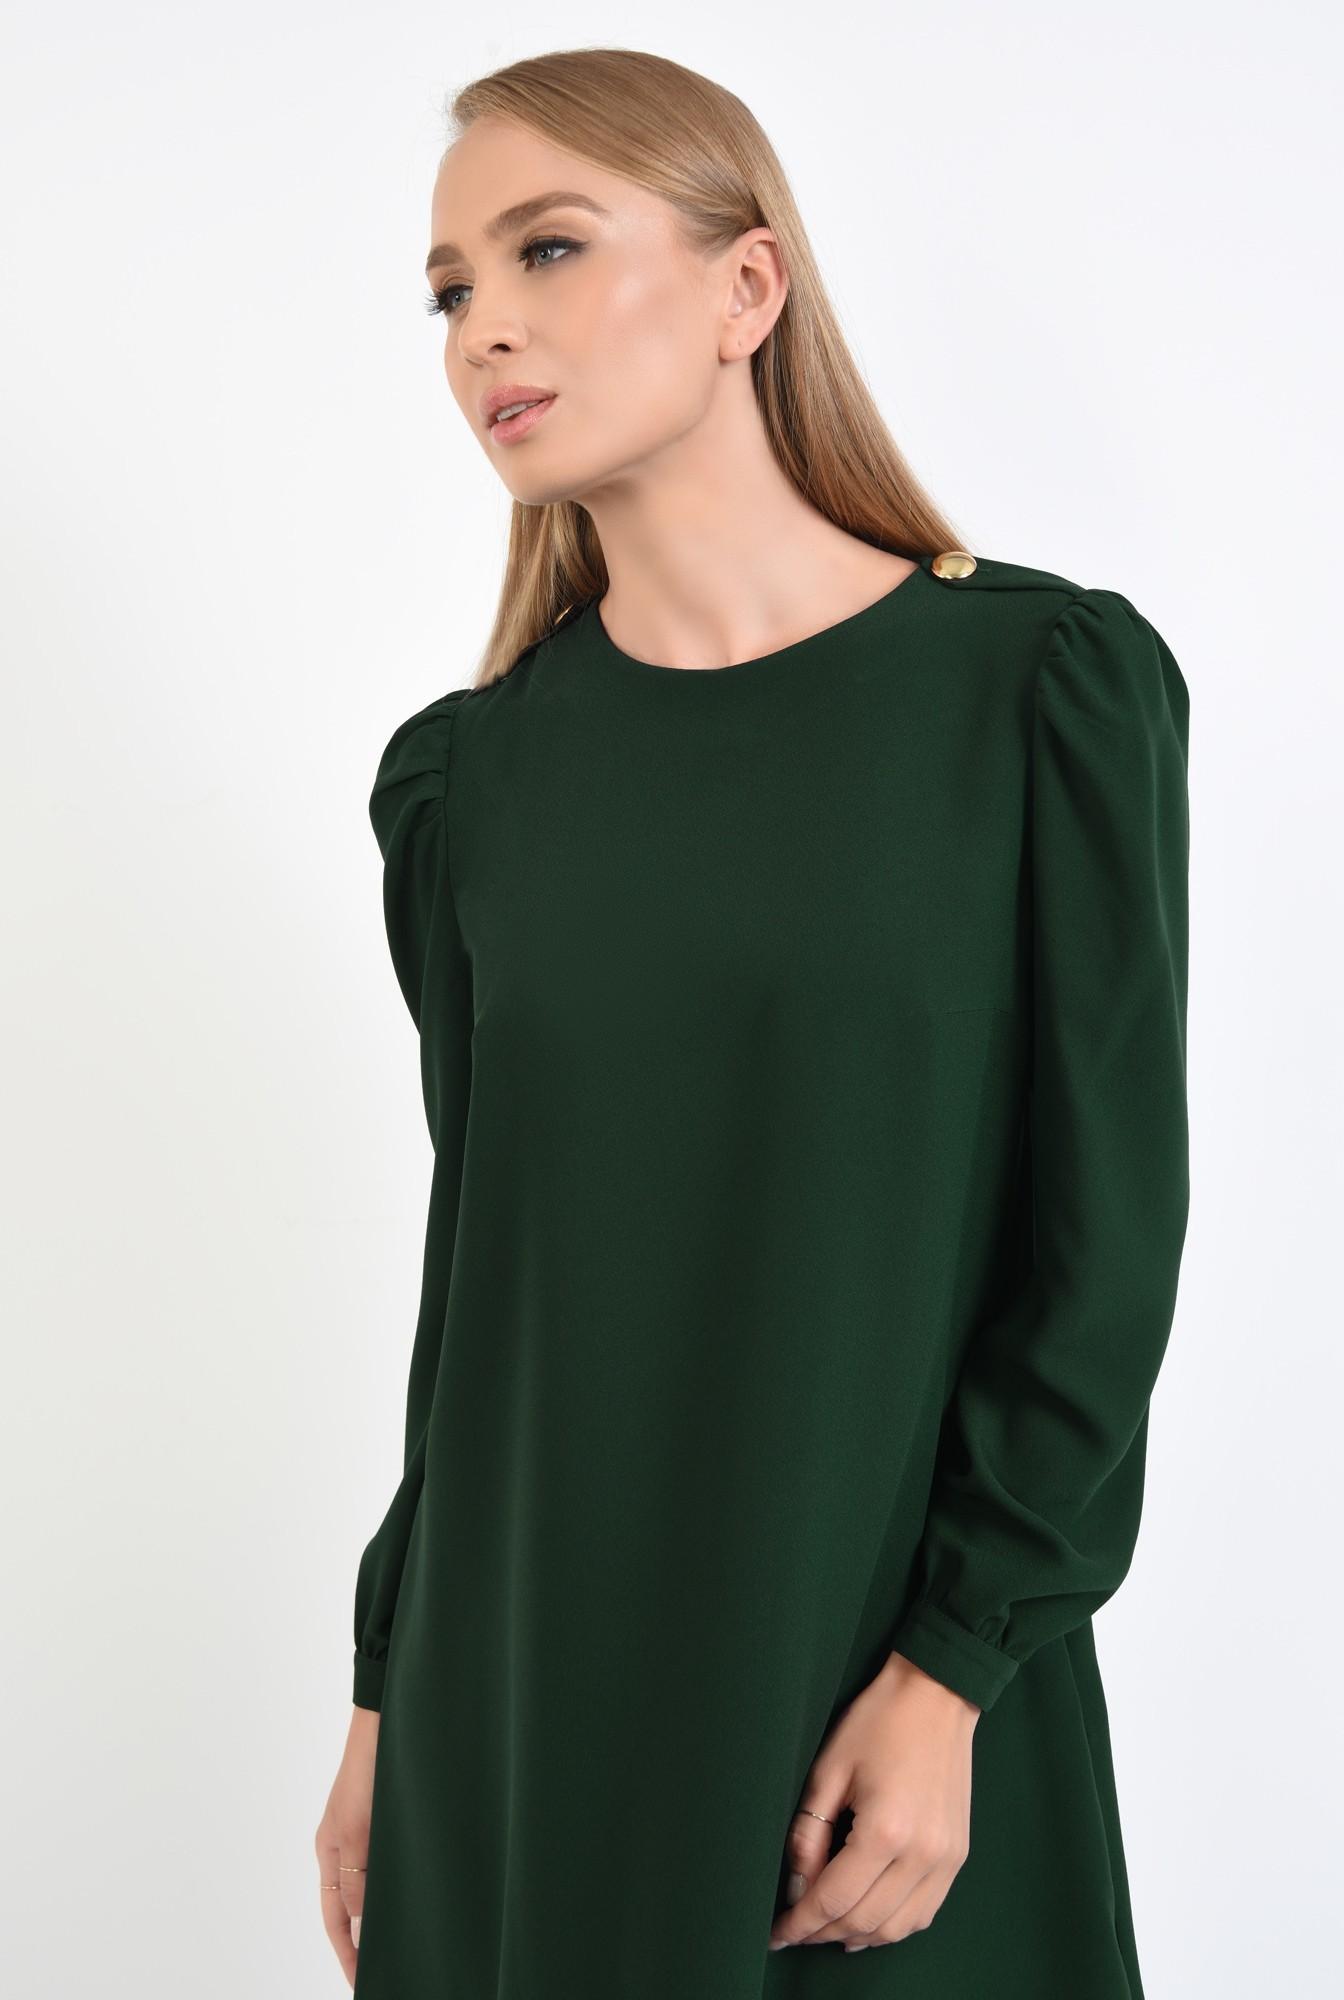 2 - 360 - rochie de zi, croi evazat, verde inchis, epoleti, cu nasture fantezie